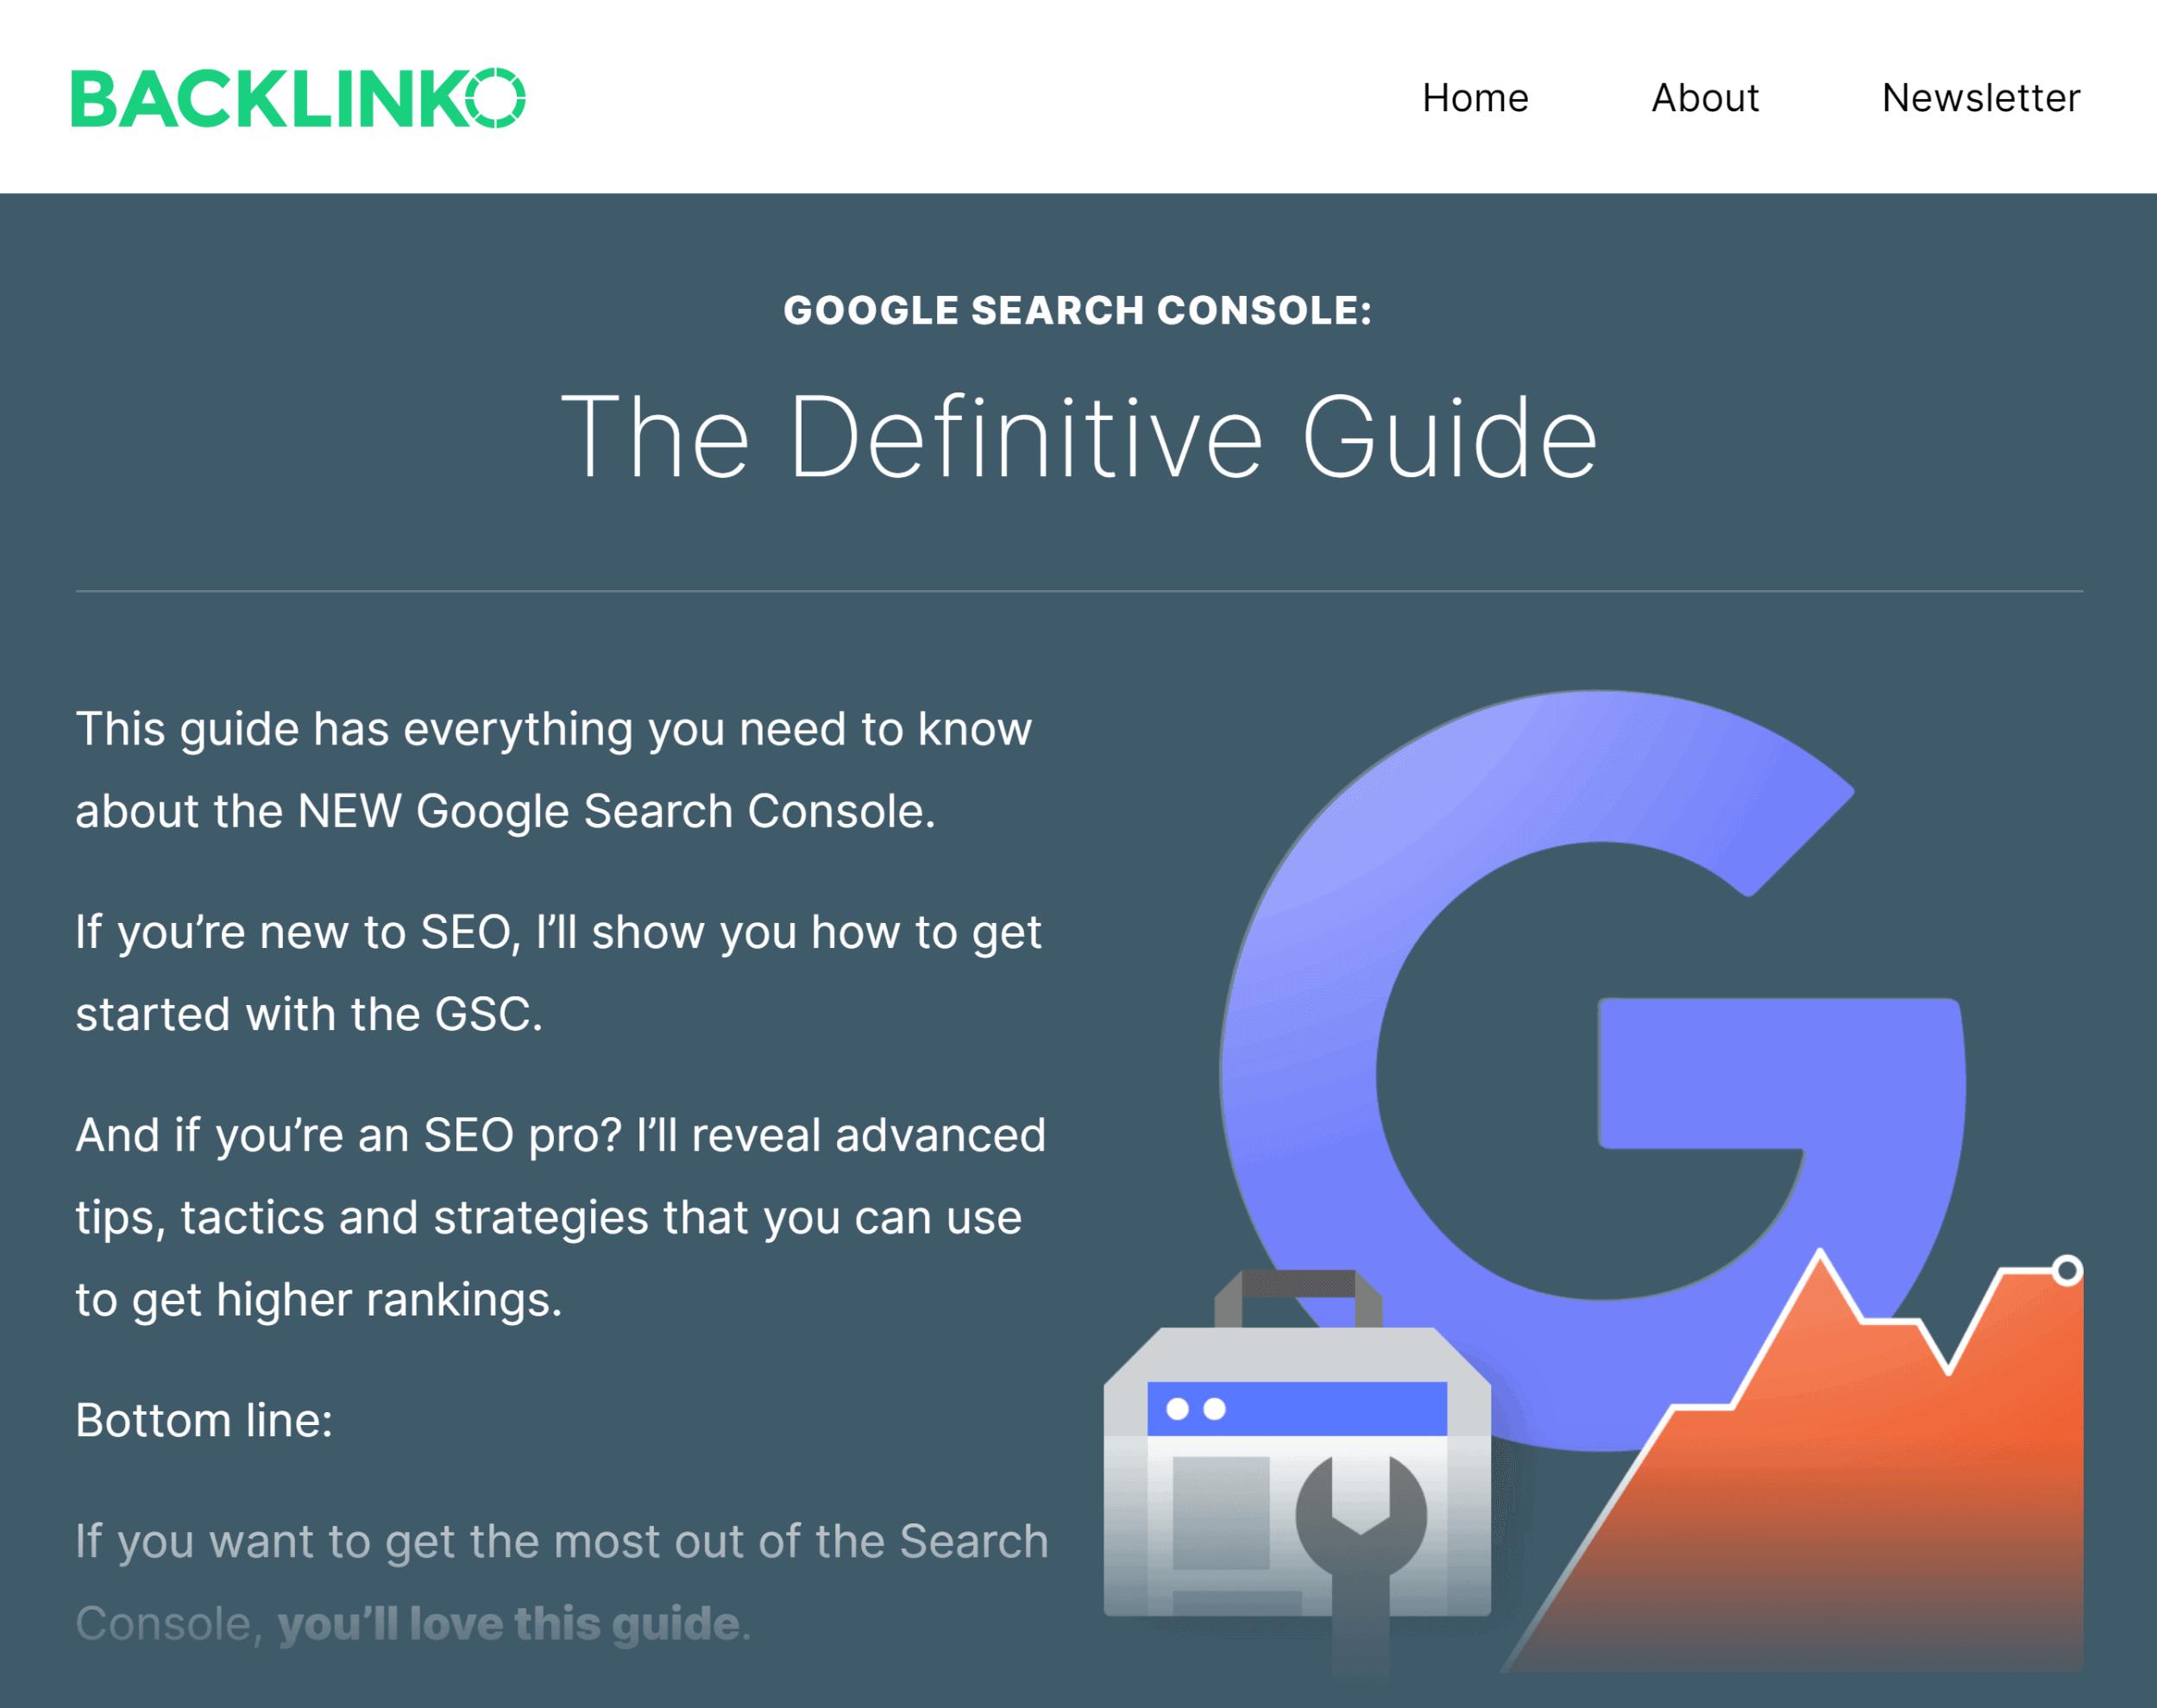 Backlinko – Google Search Console Guide